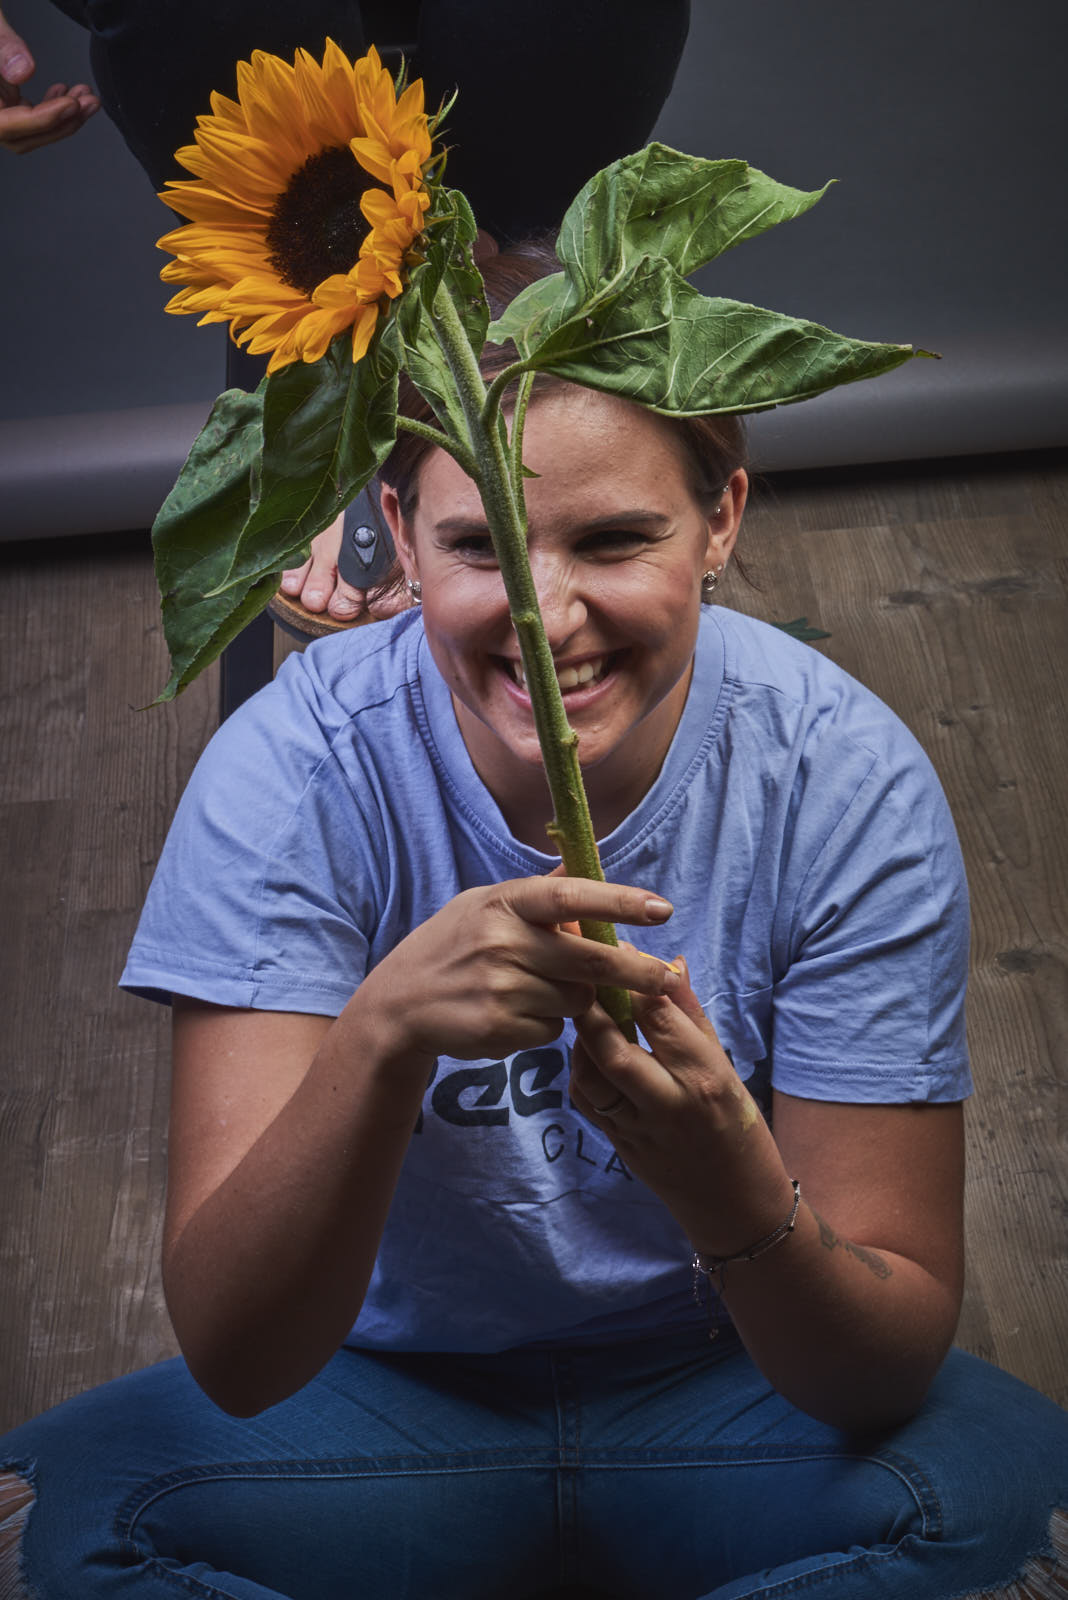 2018-09-20-sunflower-Merle22039 Kopie.jpg